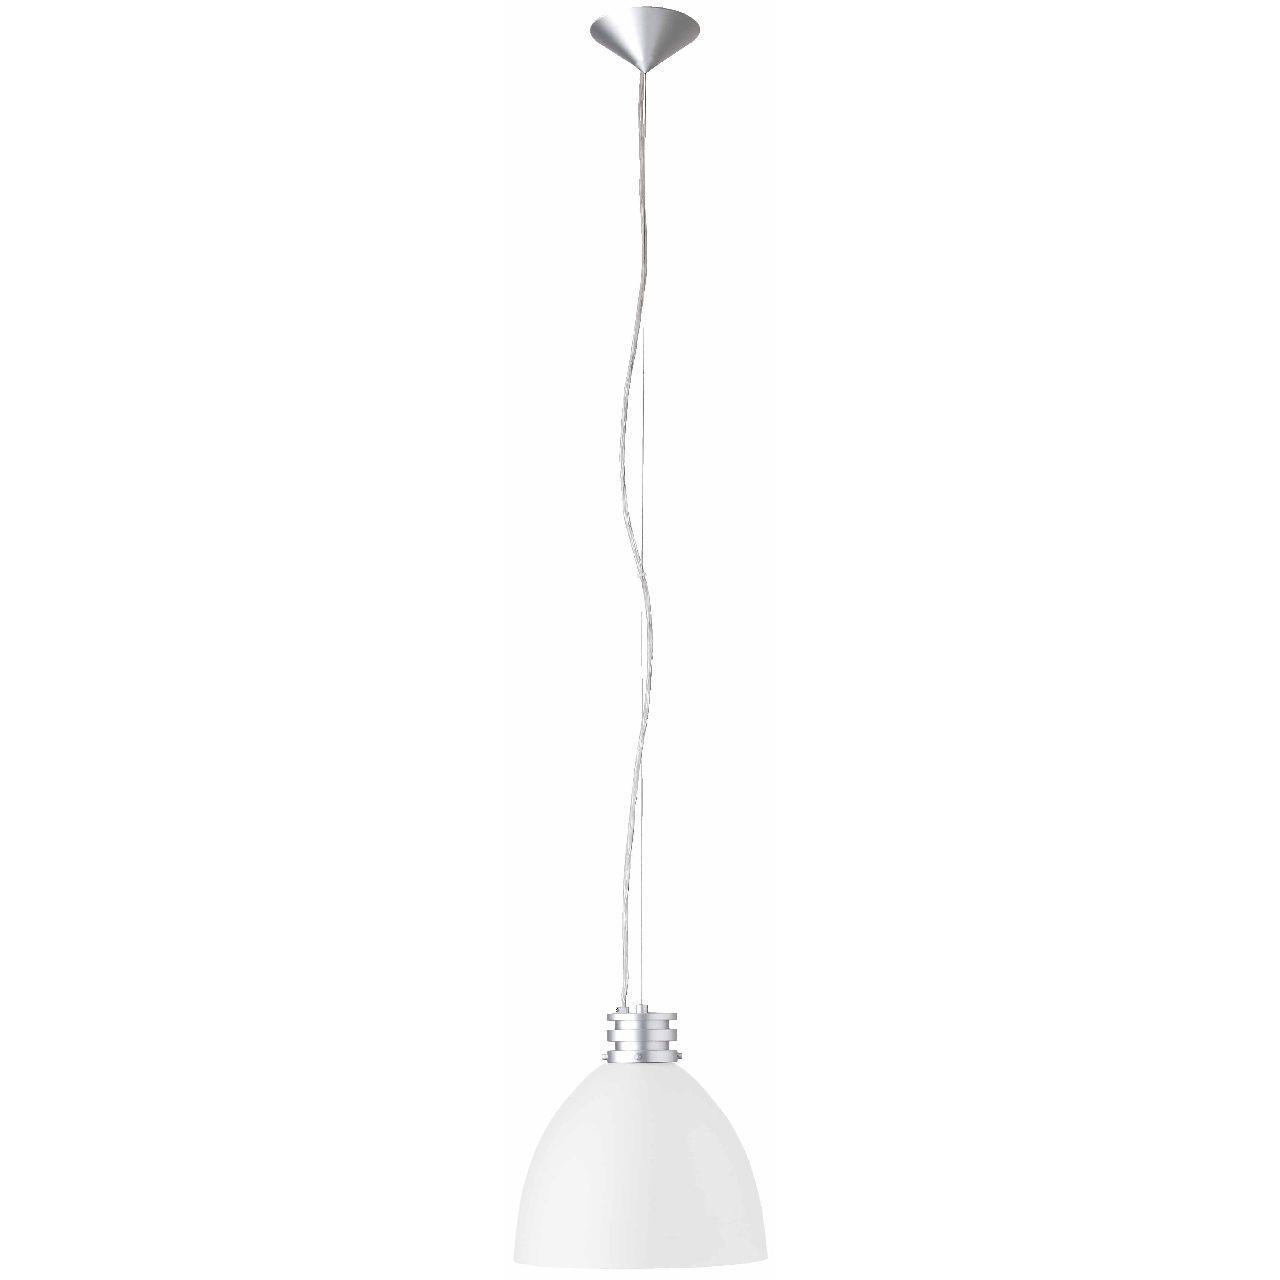 Подвесной светильник Brilliant Tibo 76770/75 потолочный светильник brilliant 93853 75